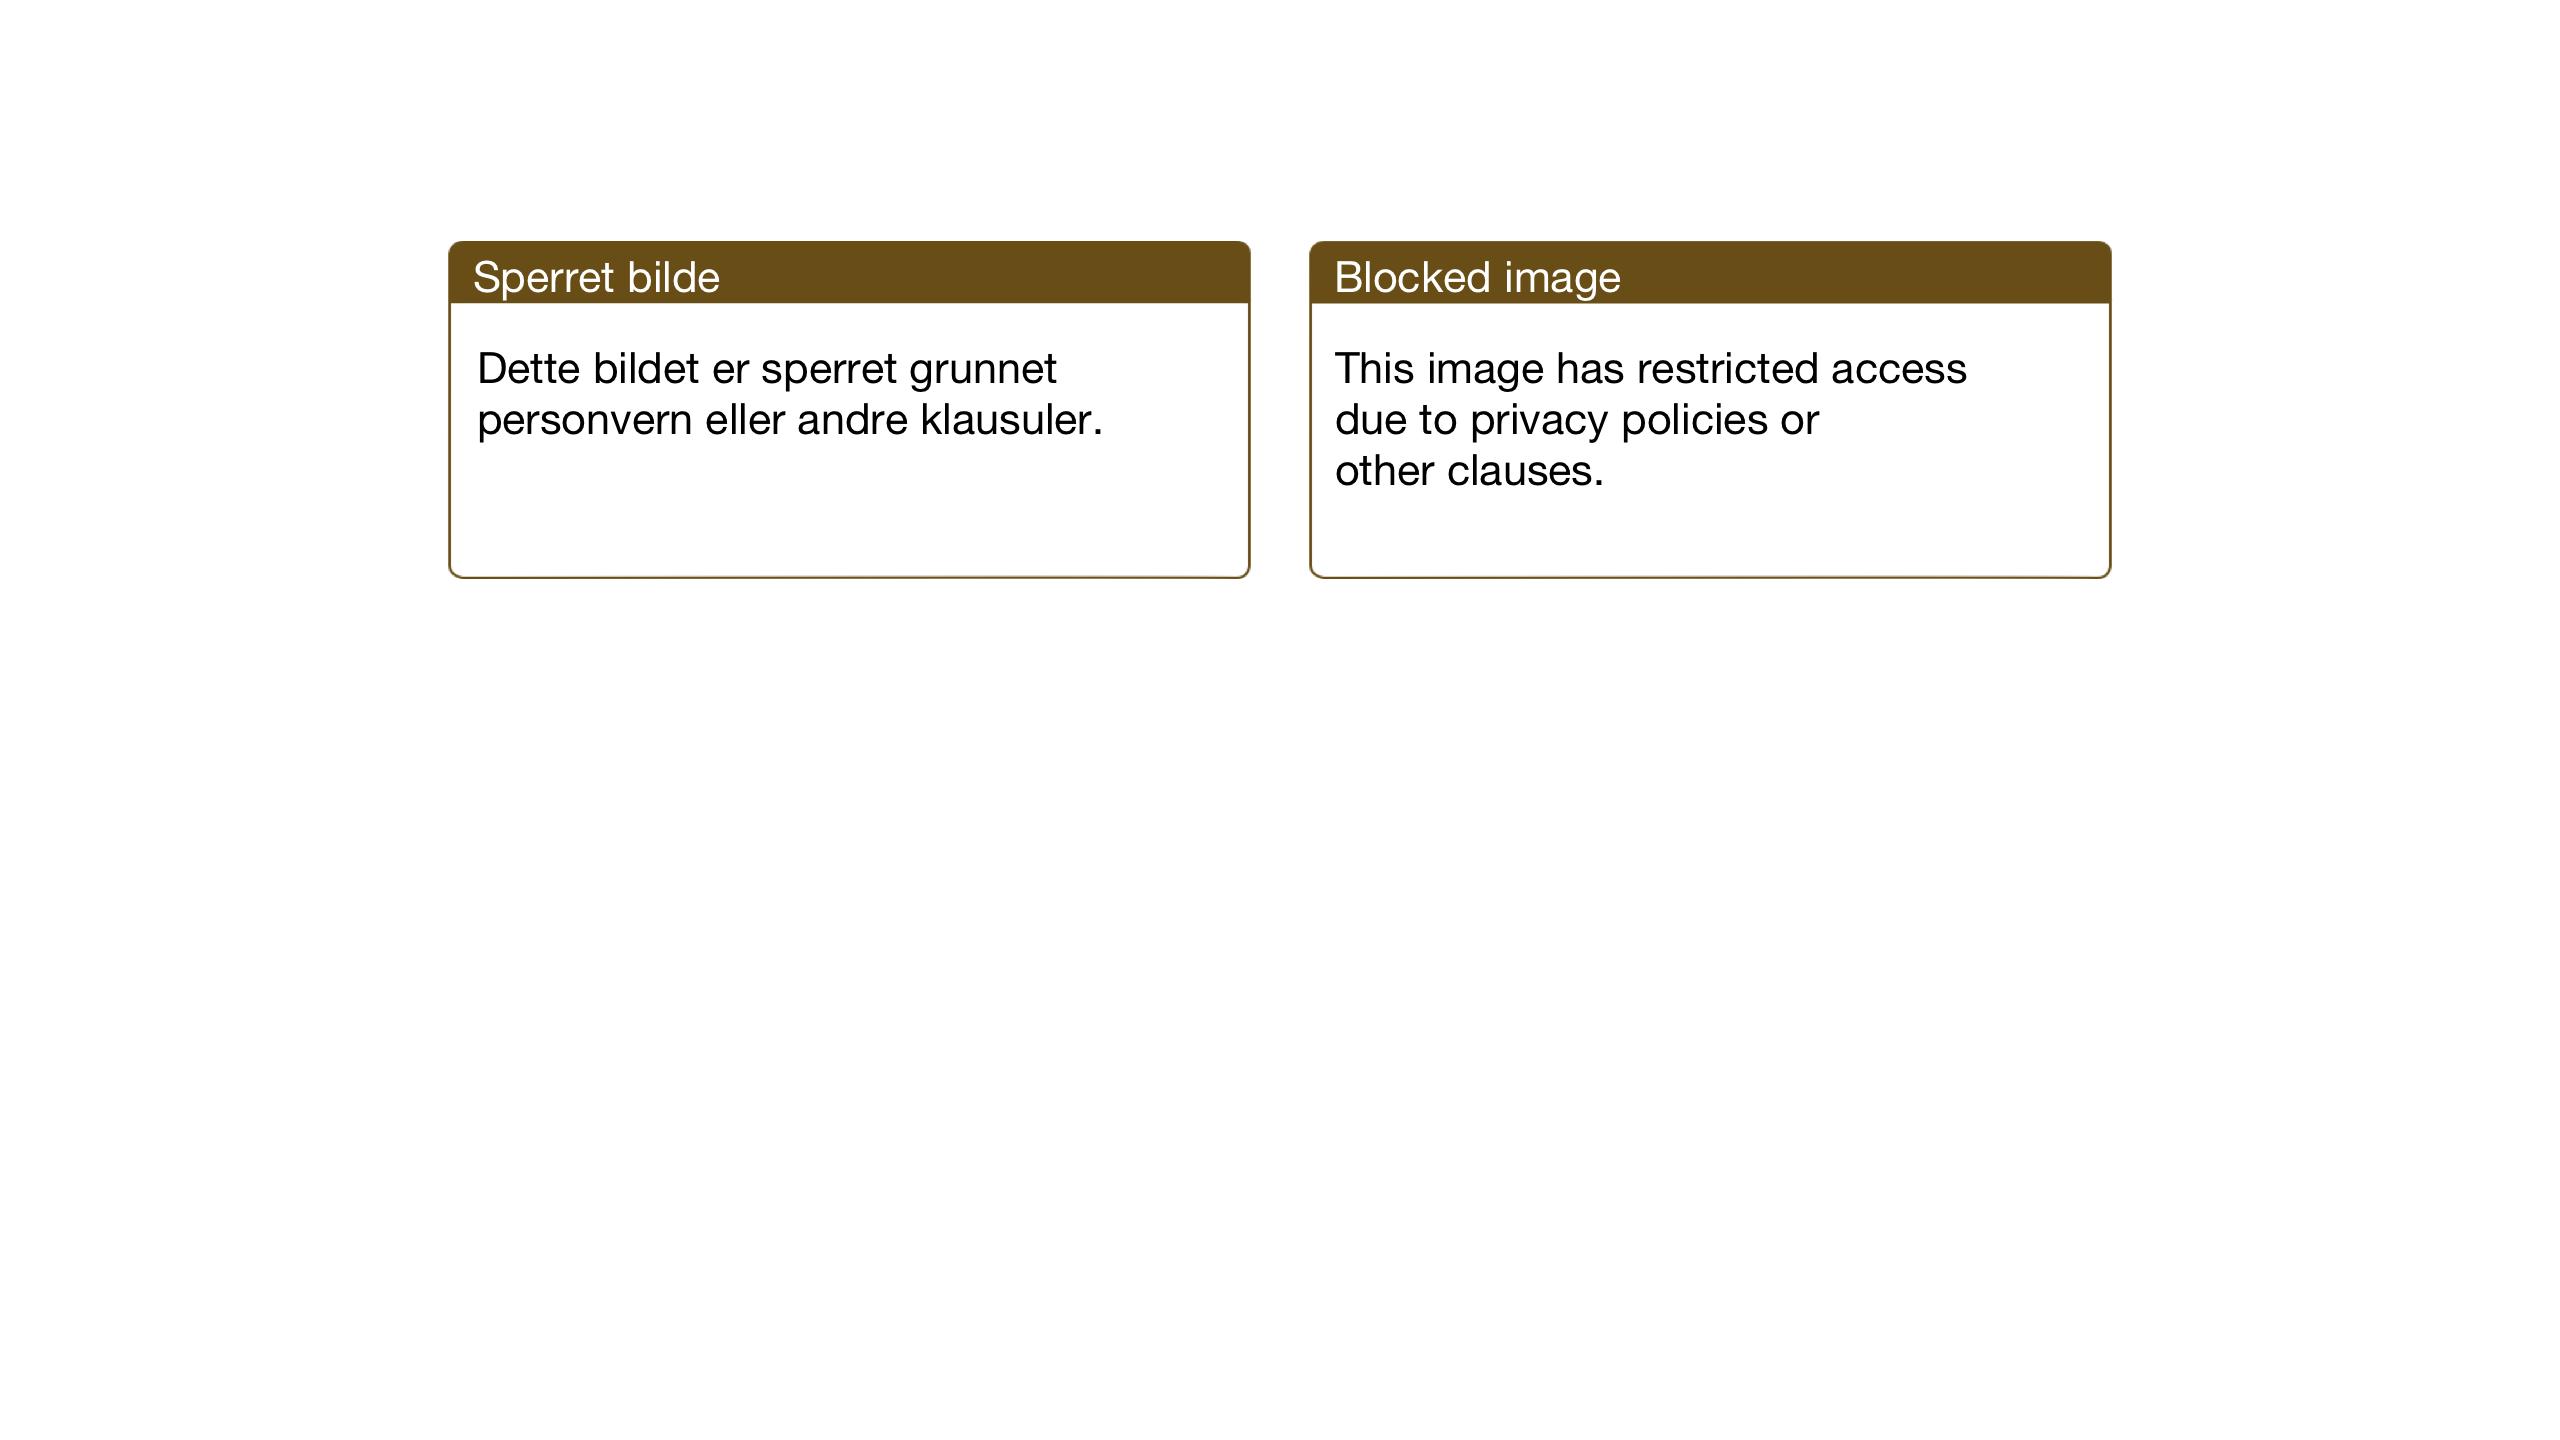 SAT, Ministerialprotokoller, klokkerbøker og fødselsregistre - Nord-Trøndelag, 714/L0136: Klokkerbok nr. 714C05, 1918-1957, s. 253